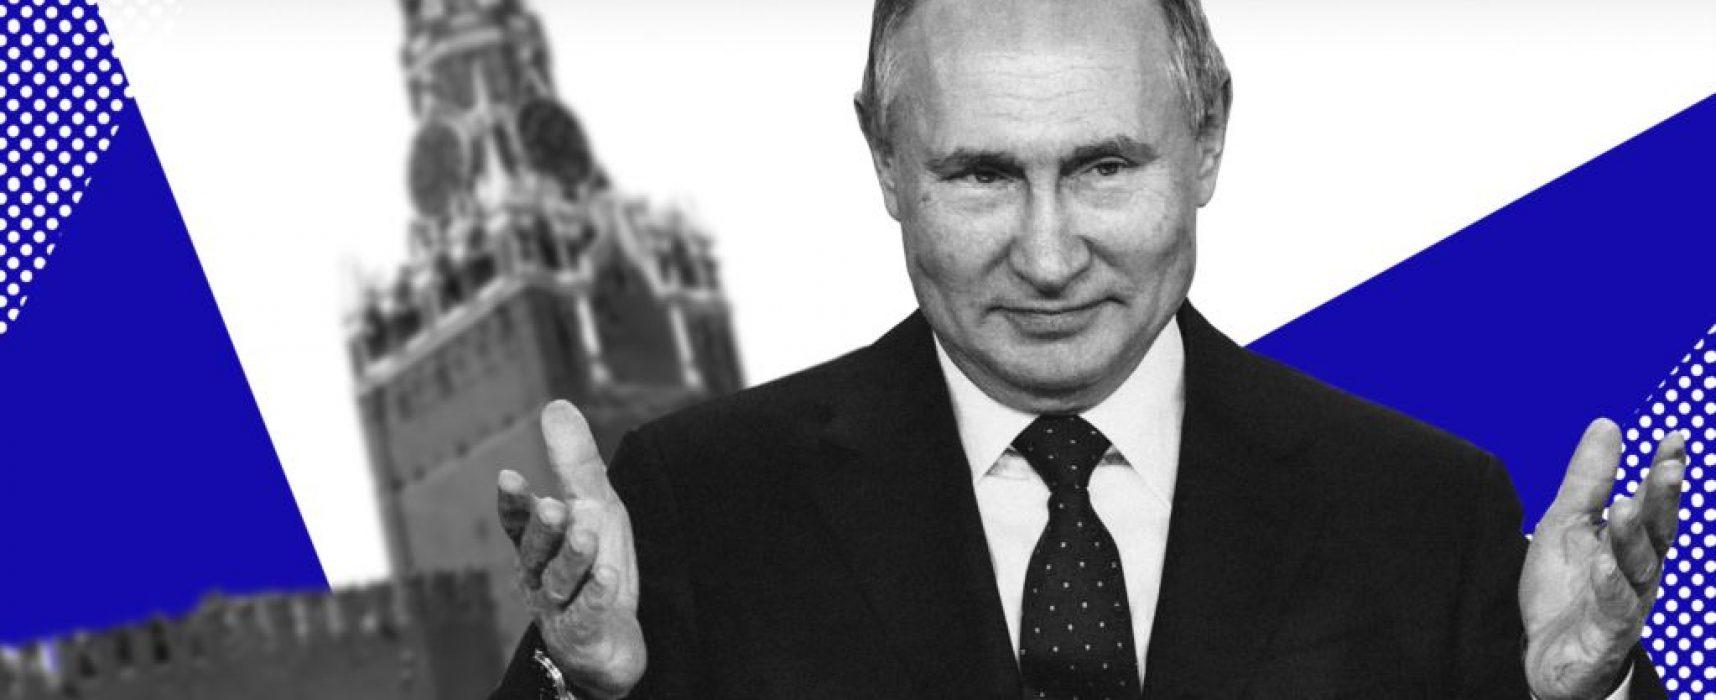 Виталий Портников: «Пулитцеровский» размах Кремля